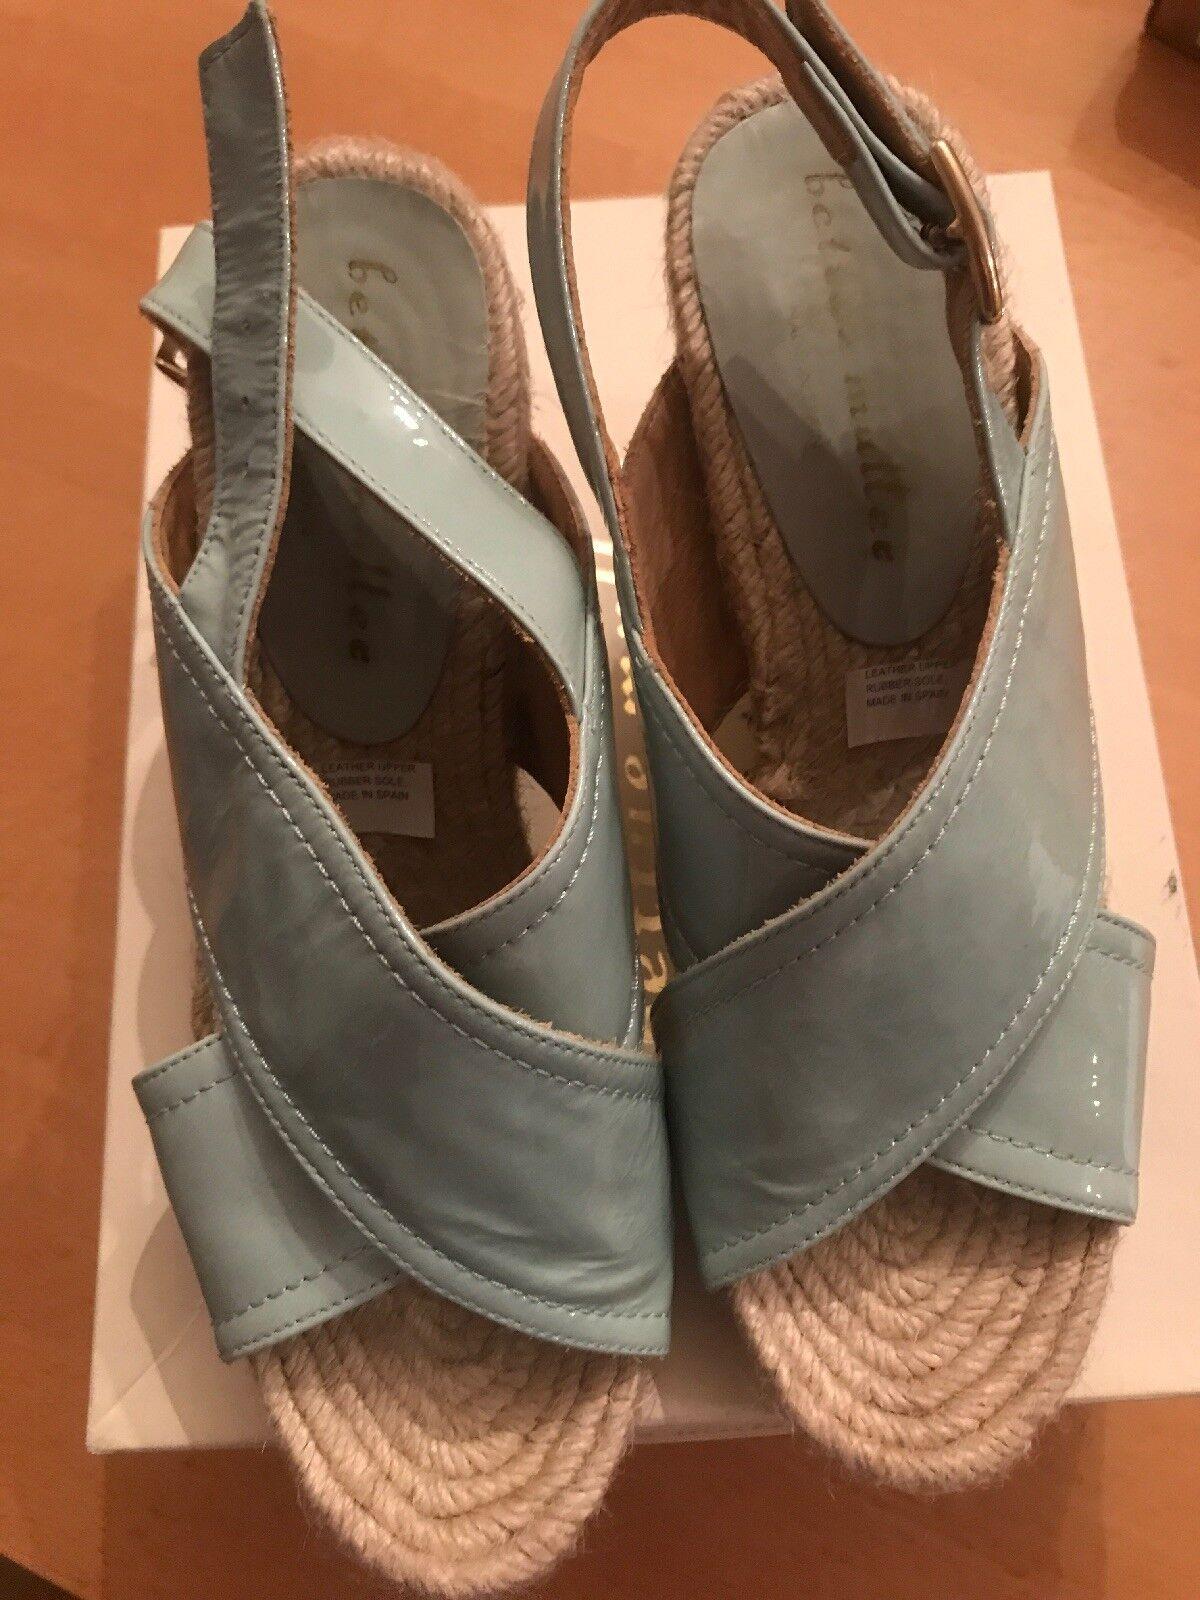 Bettye muller muller muller Sandals Size 40 b9e243